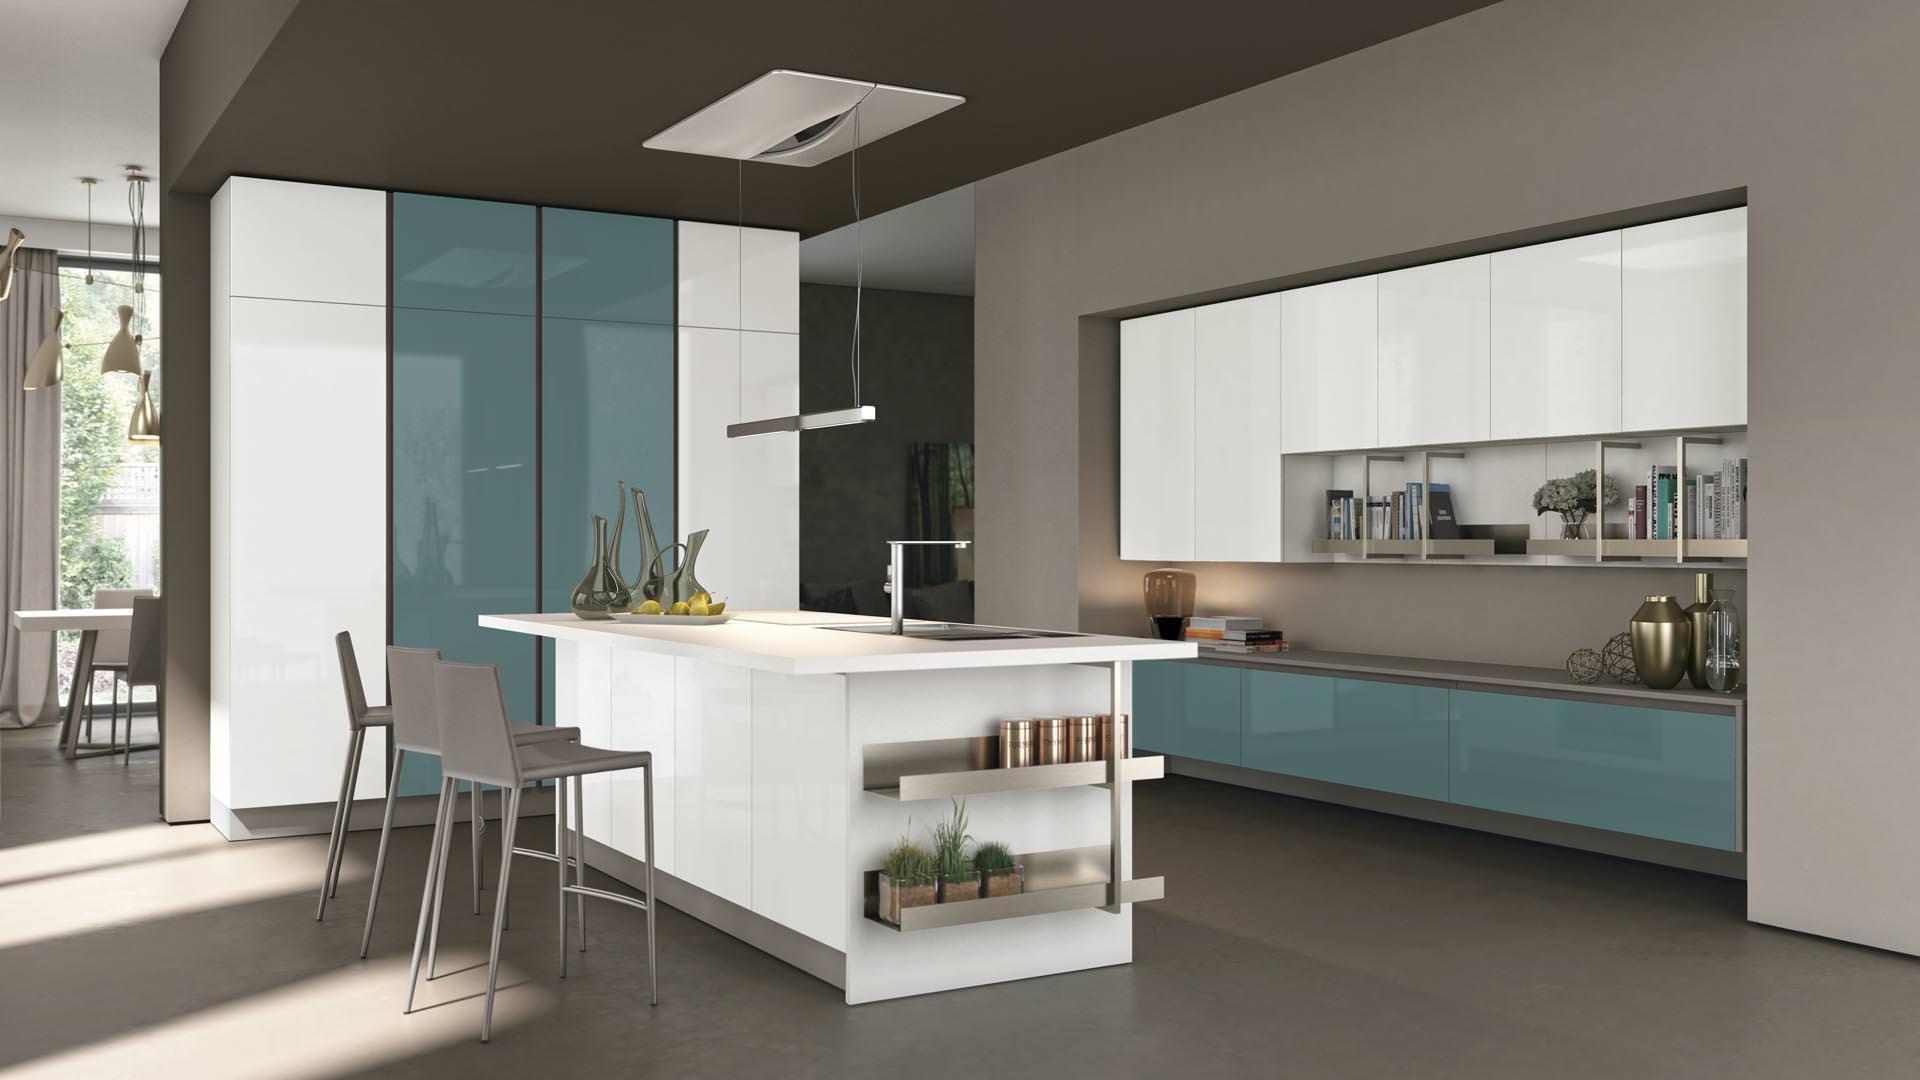 novità cucine moderne a bari, ecco la collezione lube clover neck ... - Cucine Moderne Bari